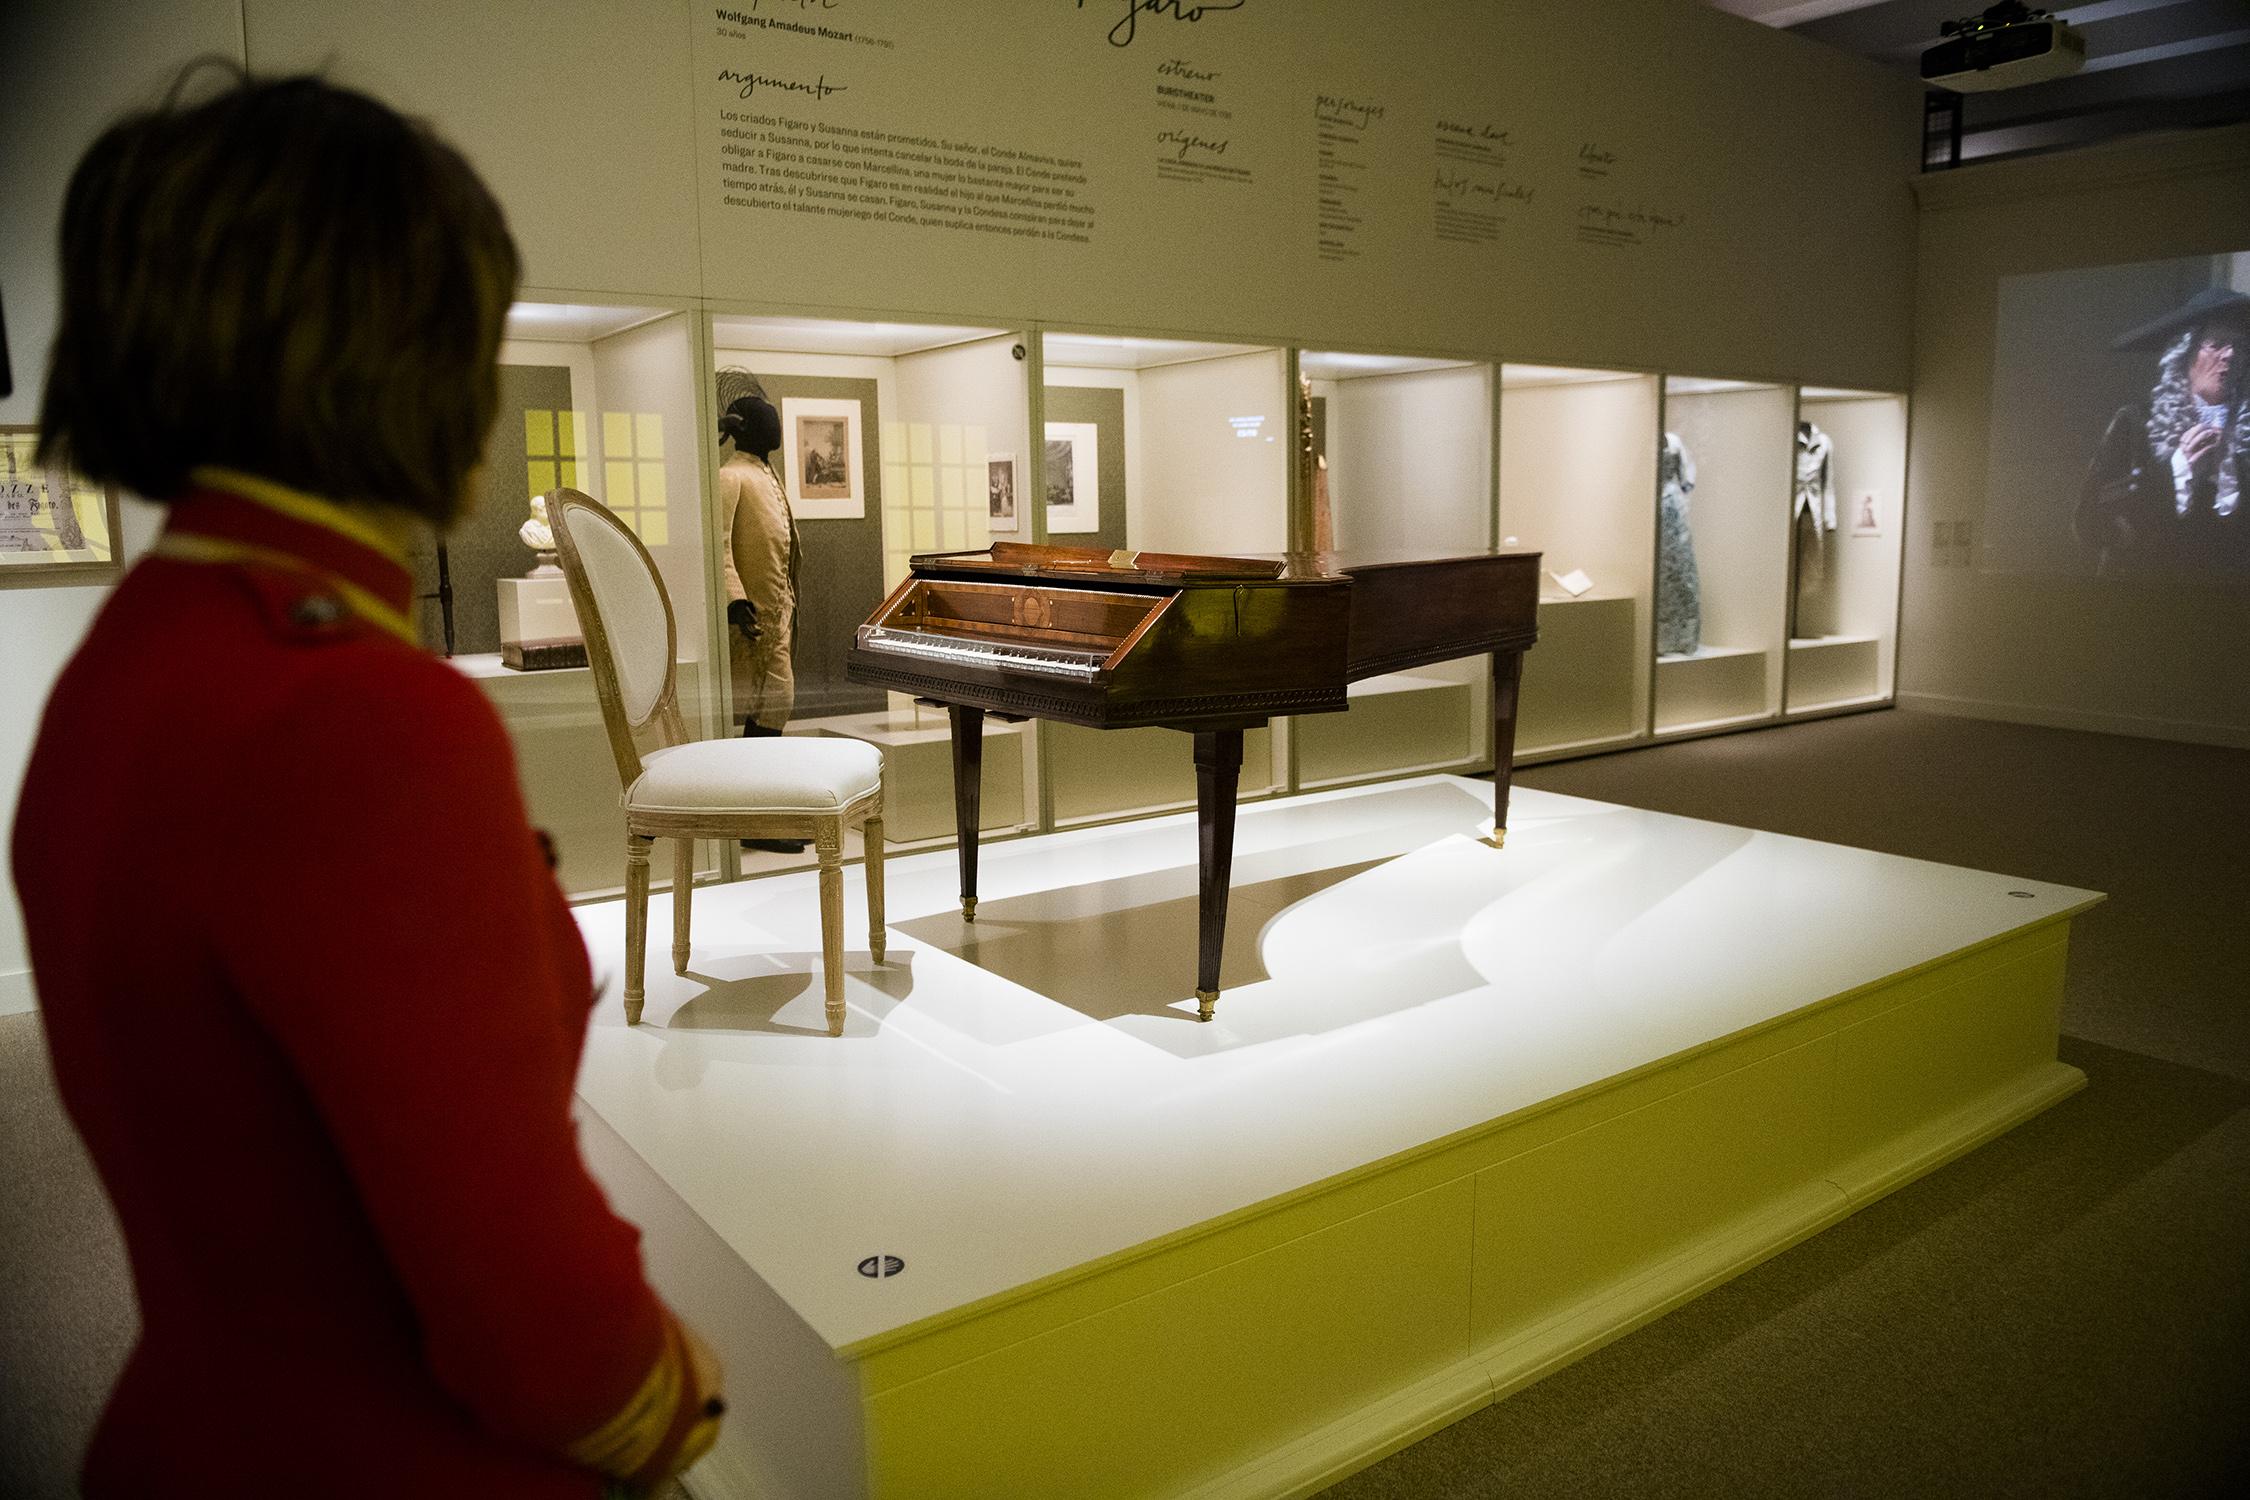 i-opera-pasion-poder-y-politica-i-sumerge-a-los-visitantes-en-este-arte-total-una-gran-experiencia-en-la-que-converge